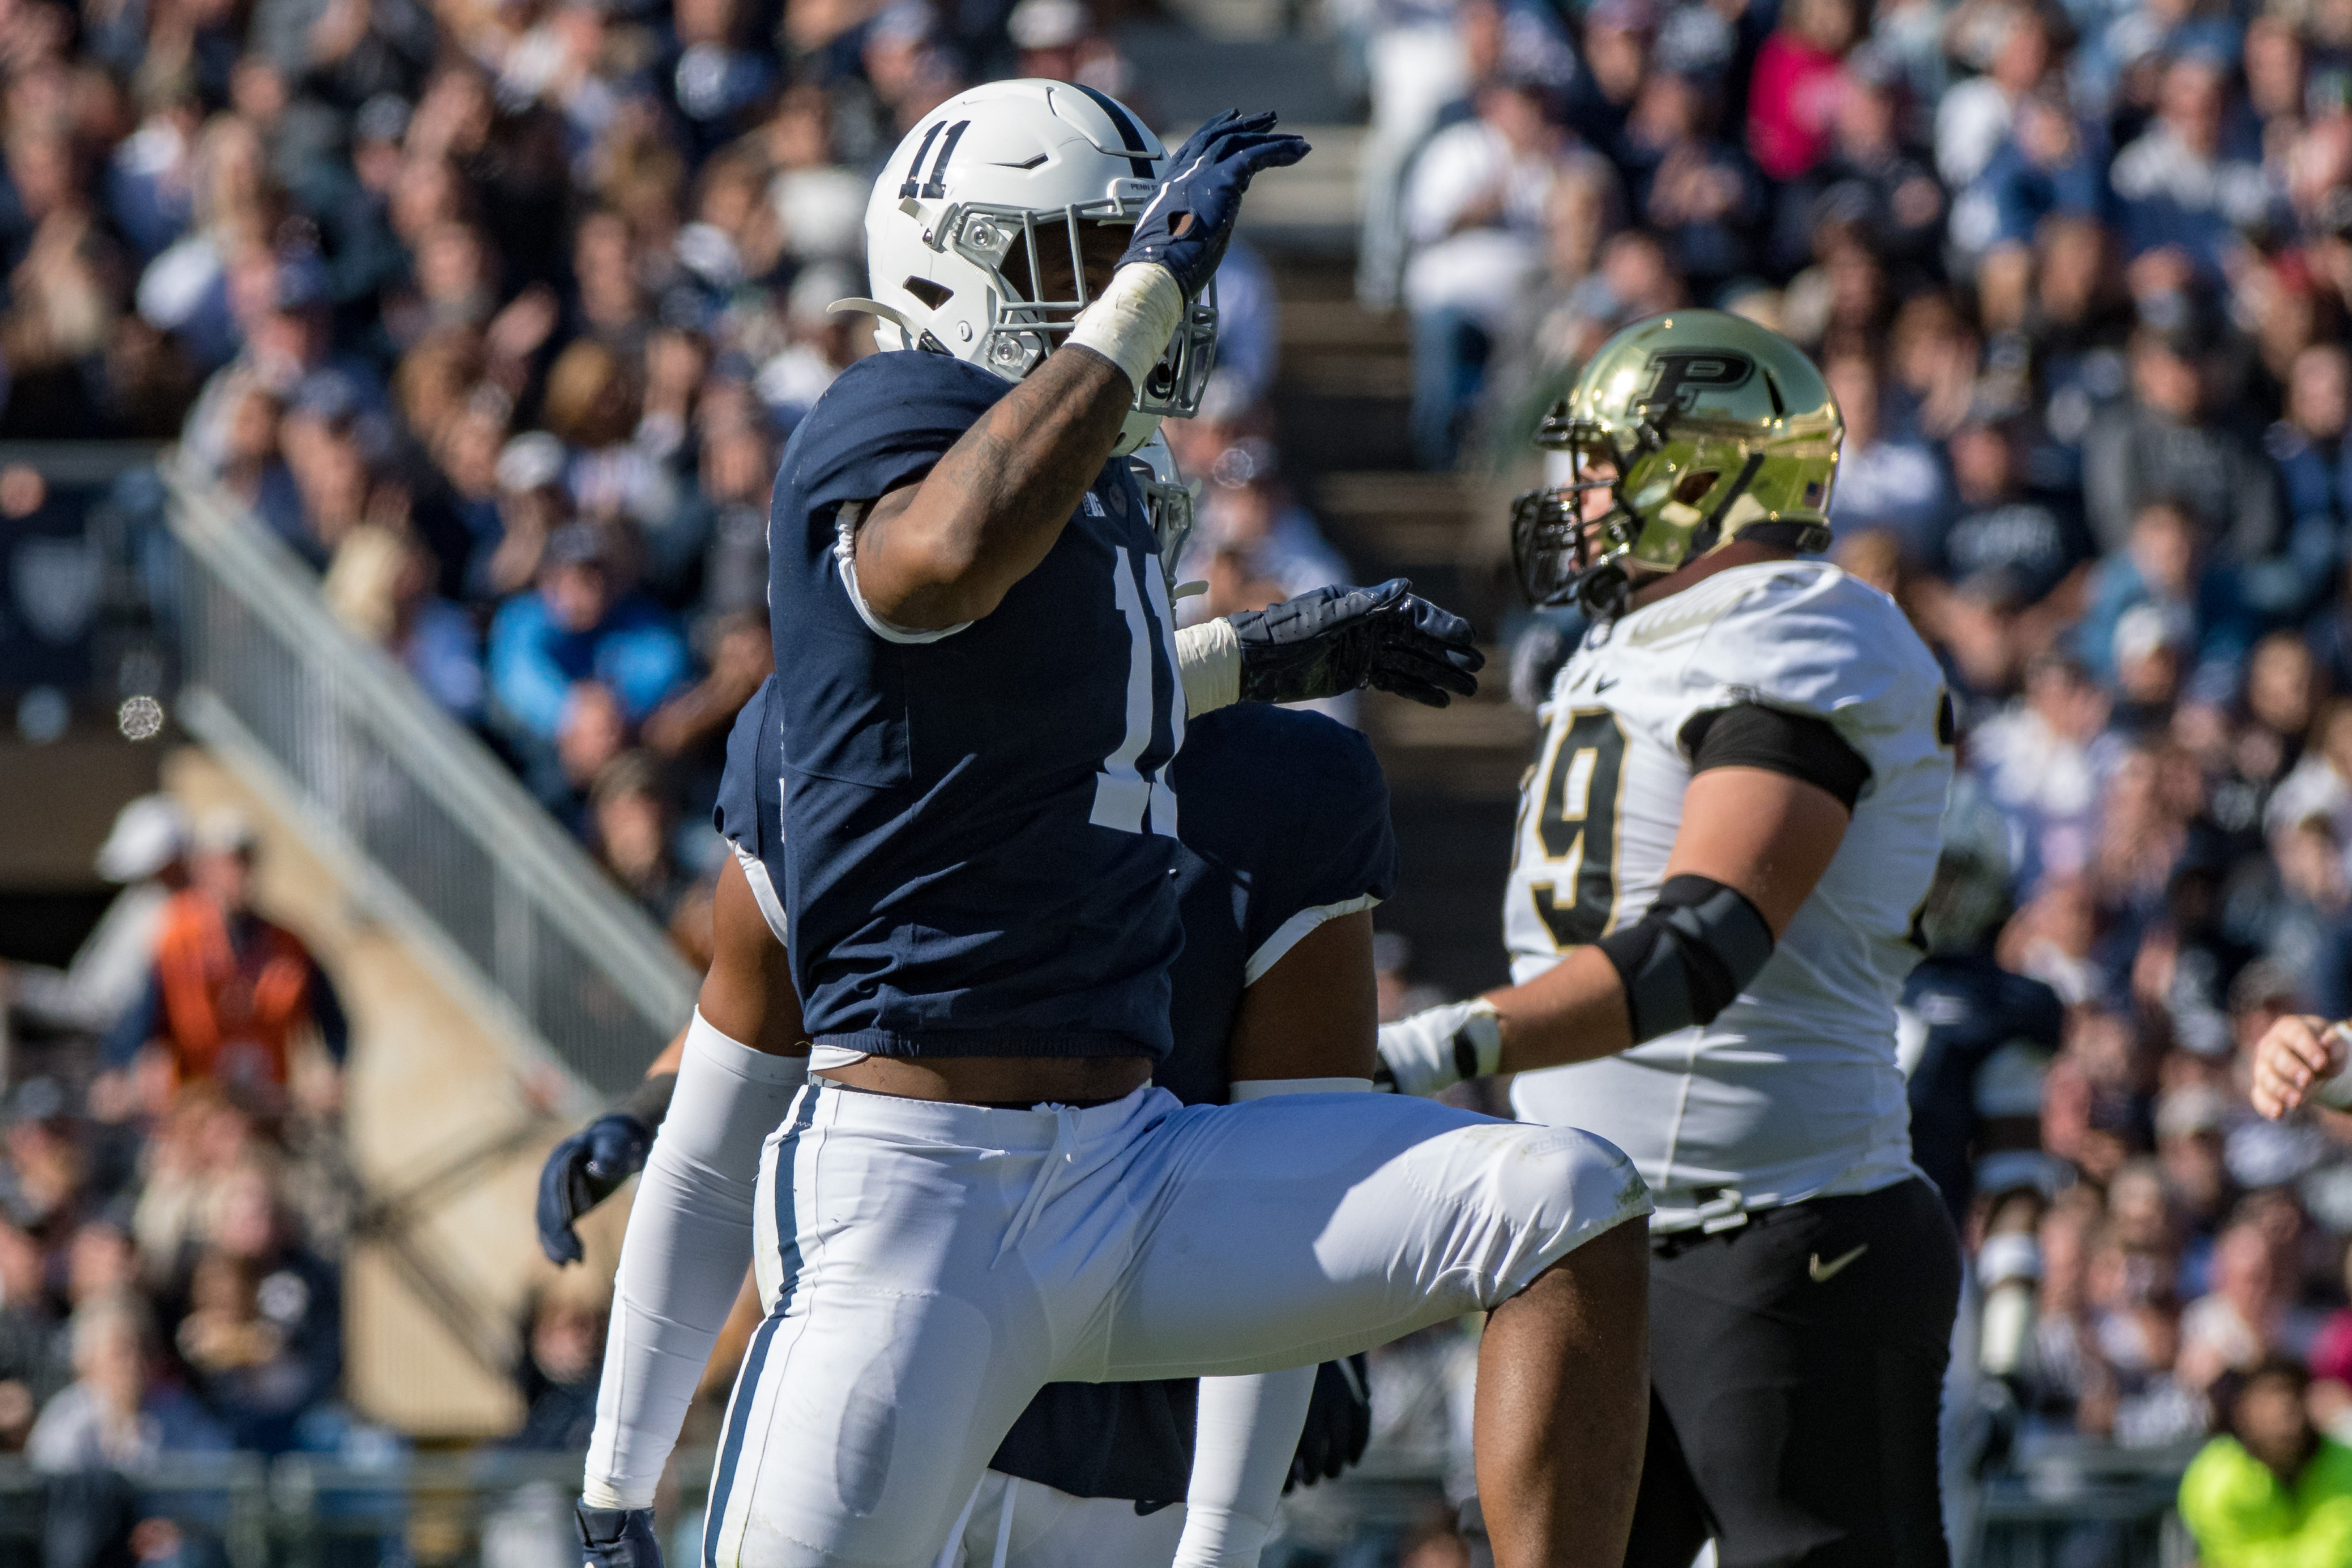 NCAA Football: Purdue at Penn State